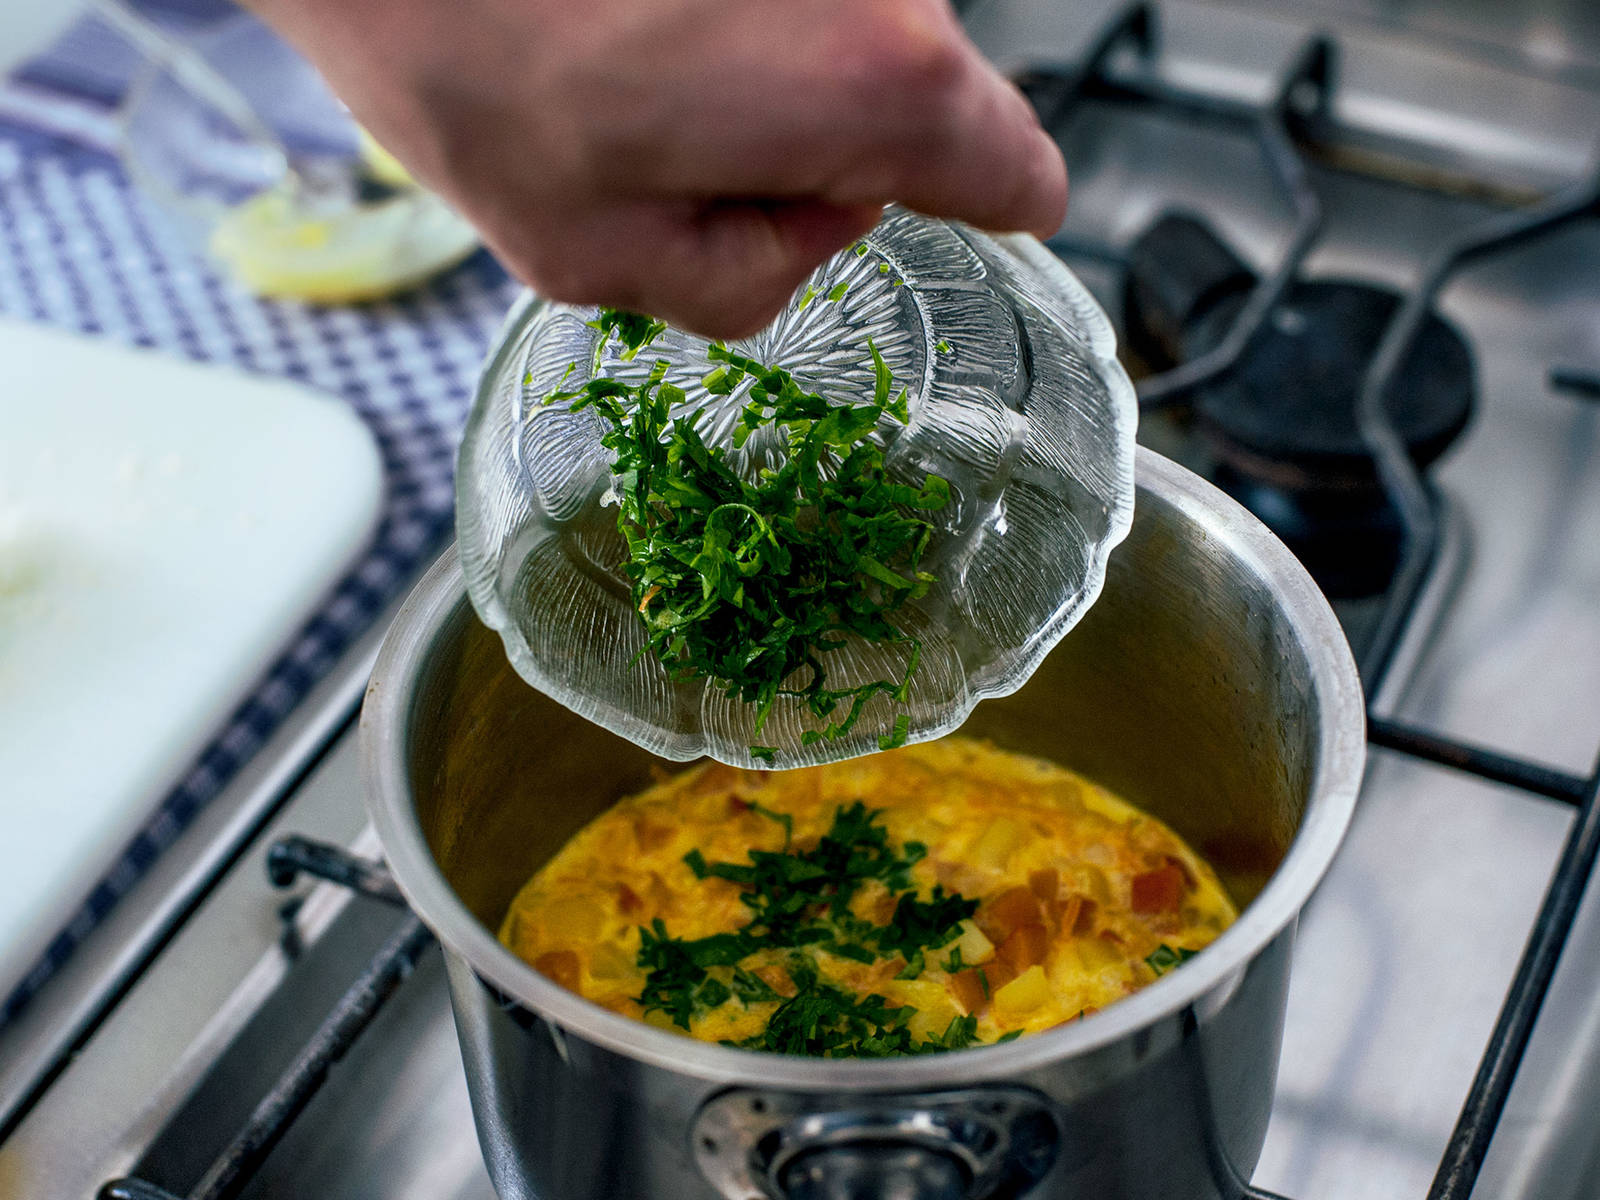 在锅中加入一些奶油和焯过土豆南瓜的汤水,煮沸。倒入南瓜块、土豆块和帕玛森奶酪,煮5-7分钟。加入欧芹、芝士、肉豆蔻、盐与胡椒调味。拌入南瓜籽。